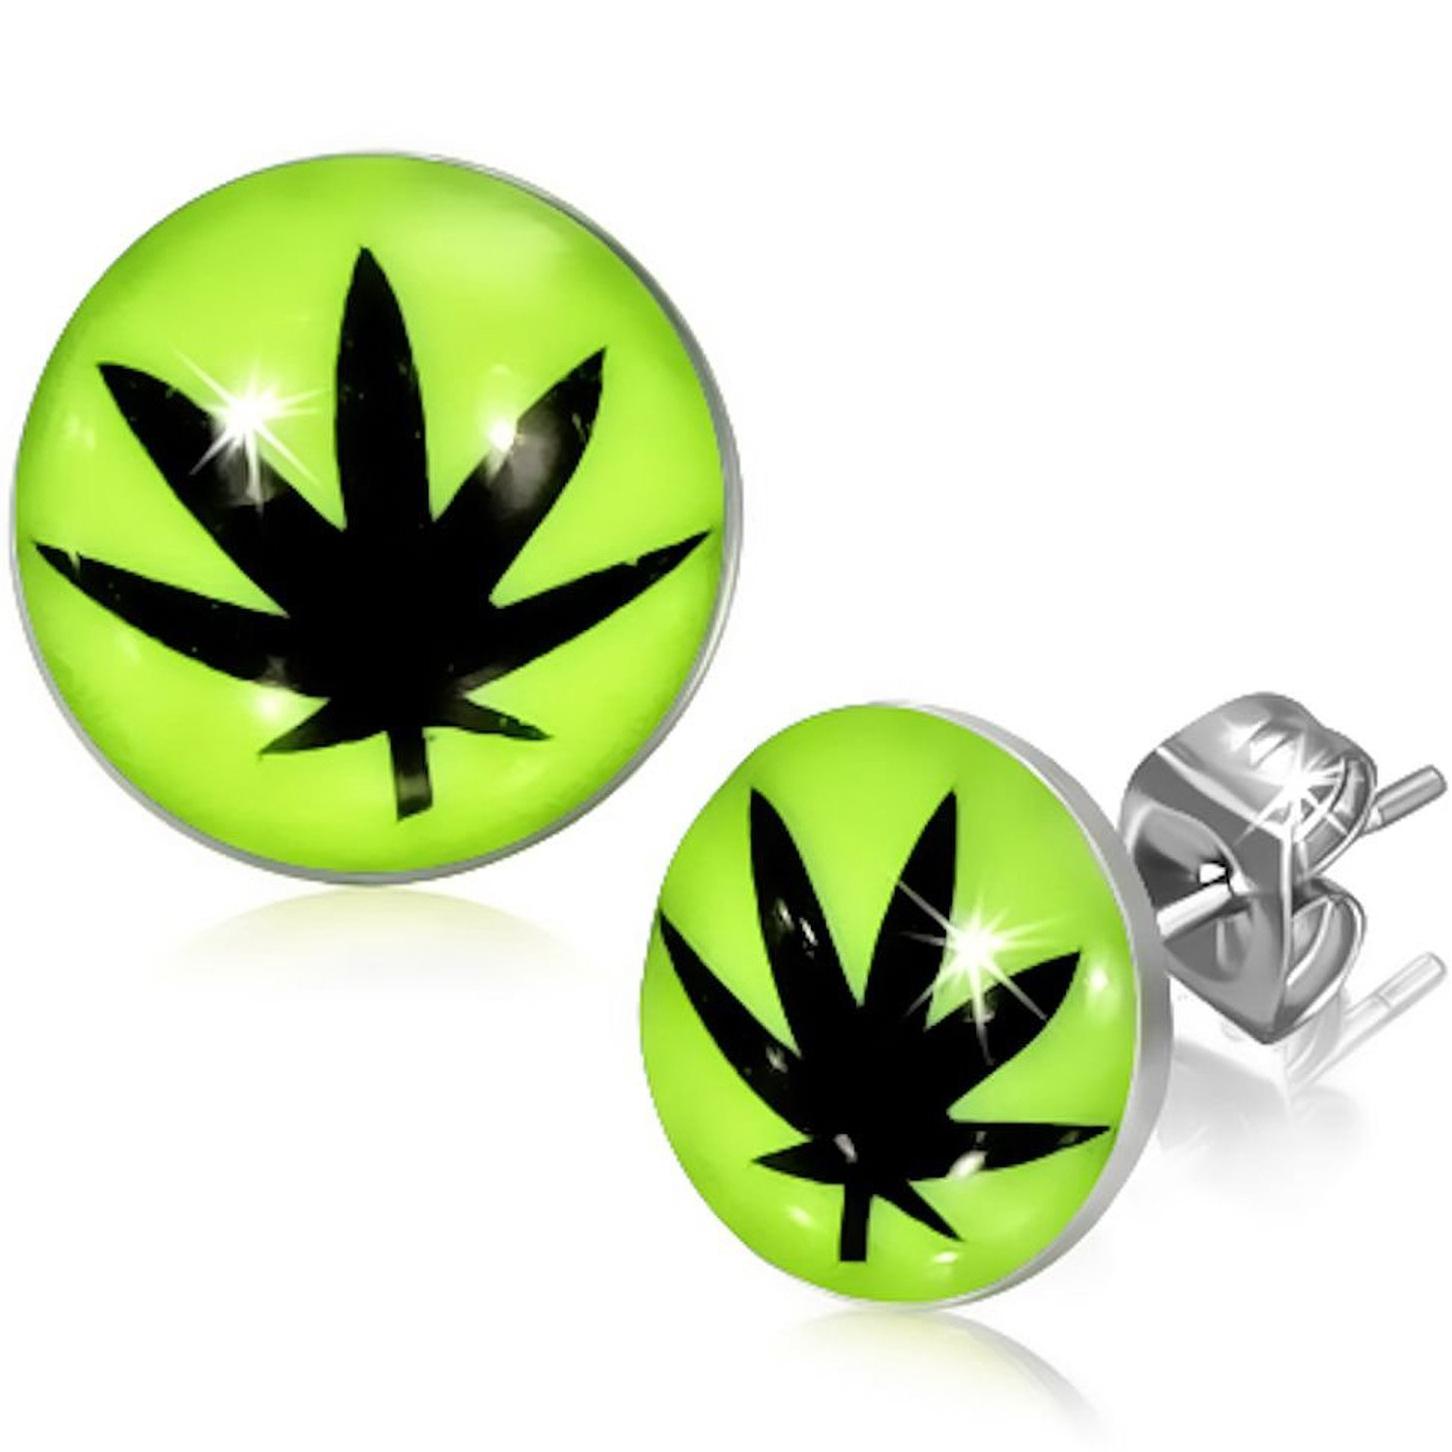 Boucles d\'Oreille Clous Puces Acier Inoxydable Jaune Fluo - Feuille de Cannabis